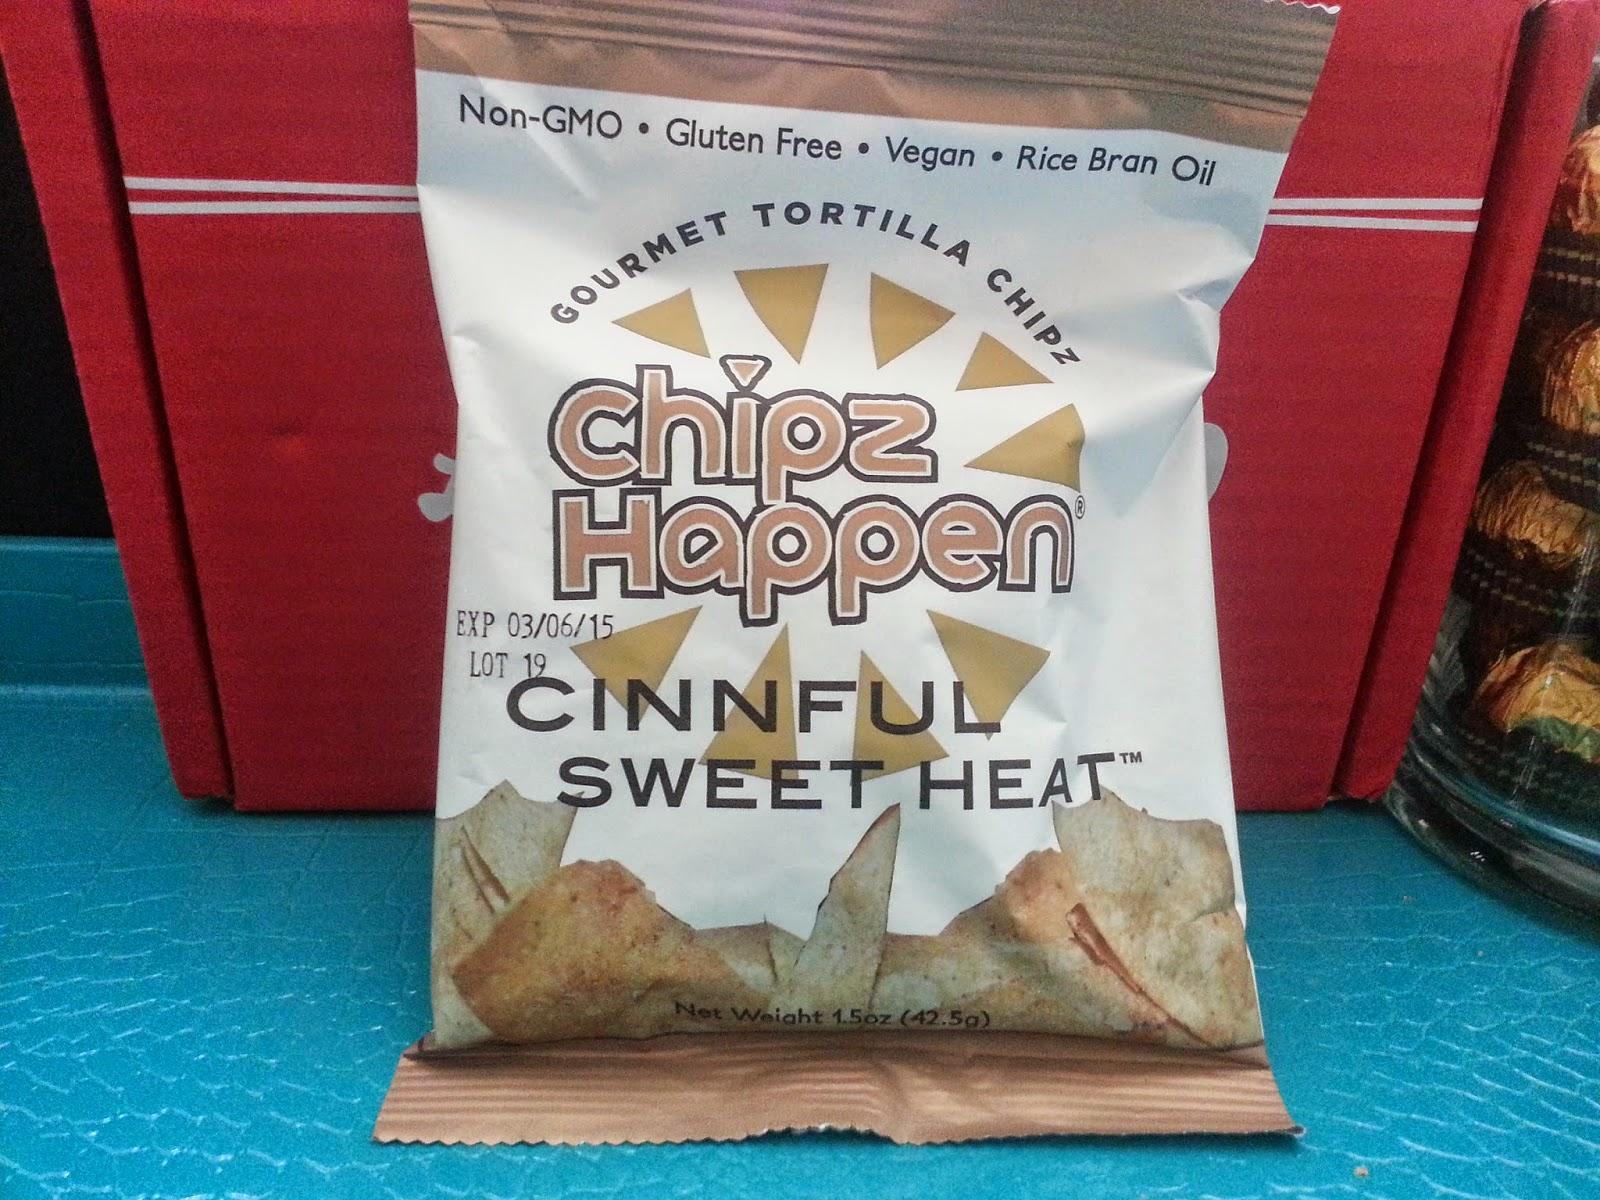 Chipz Happen: Cinnful Sweet Heat Tortilla Chips